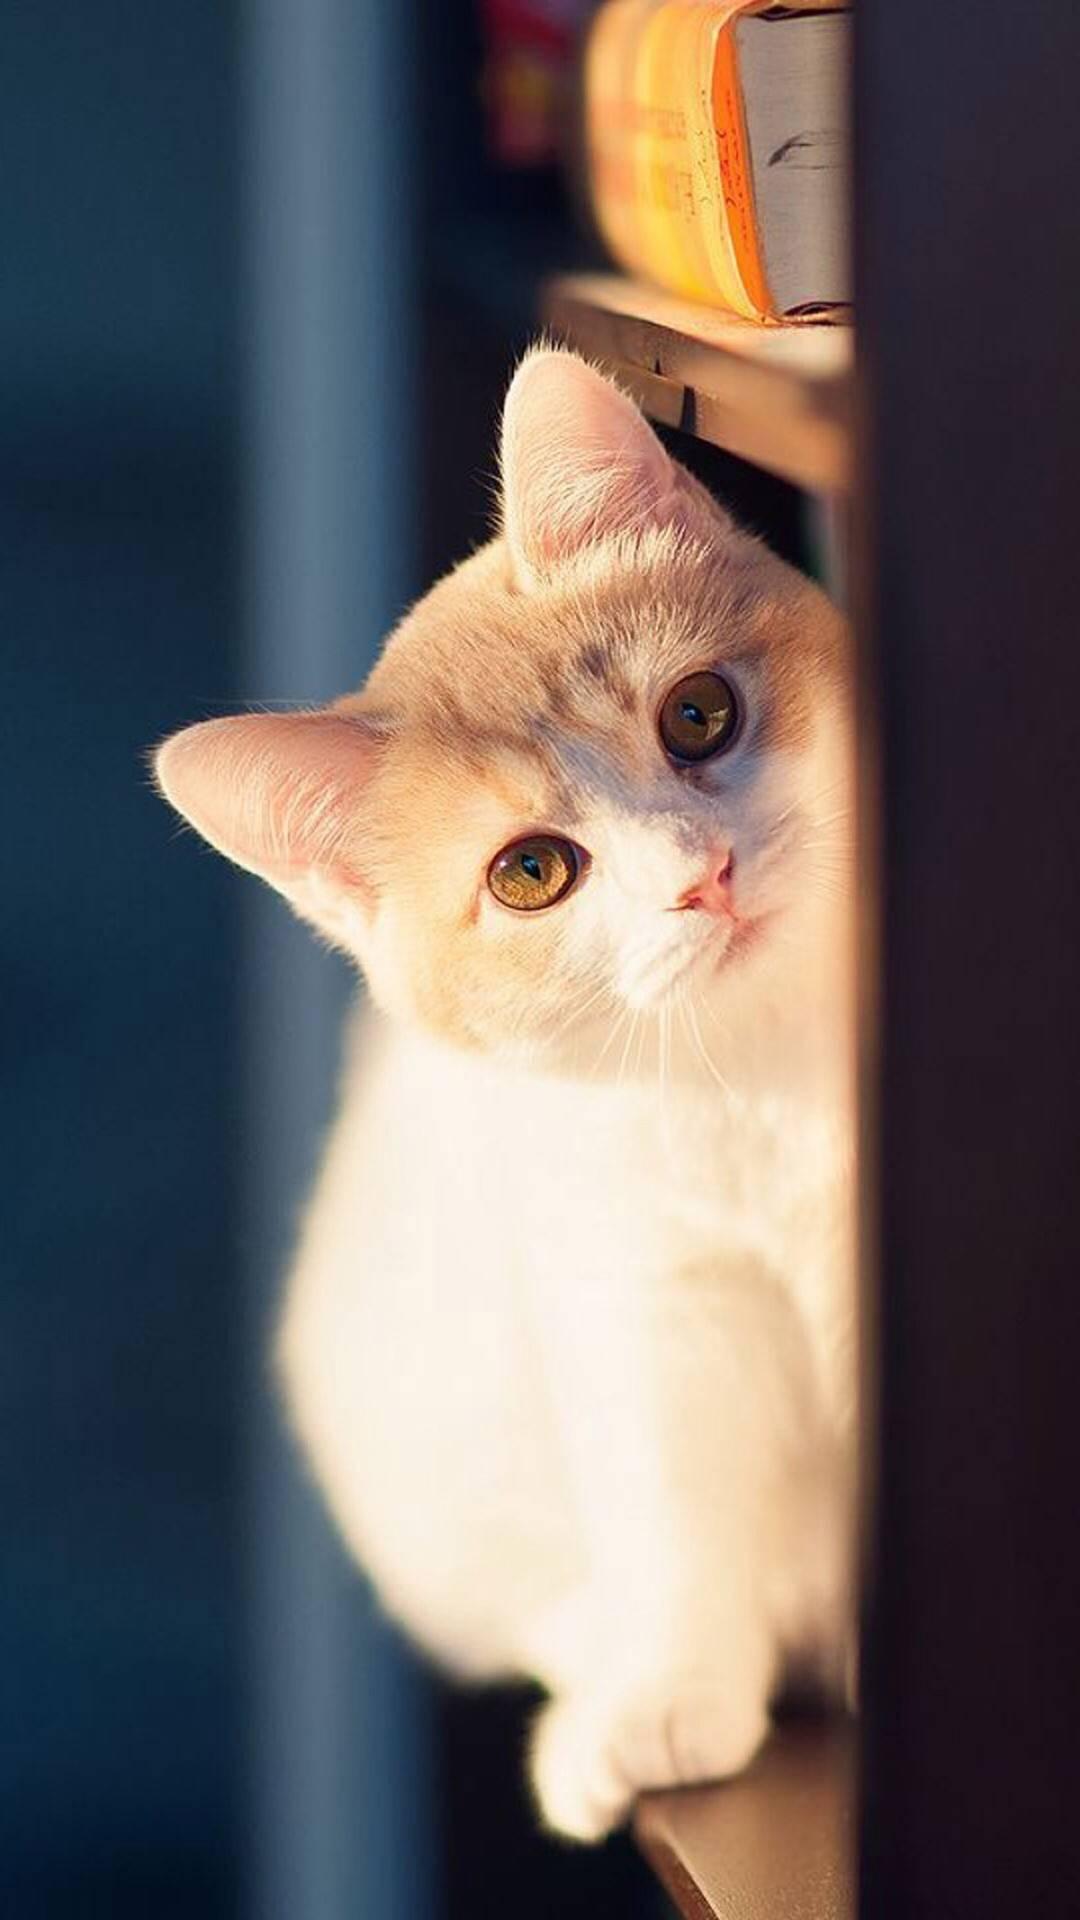 猫咪 喵星人 萌宠 动物 可爱